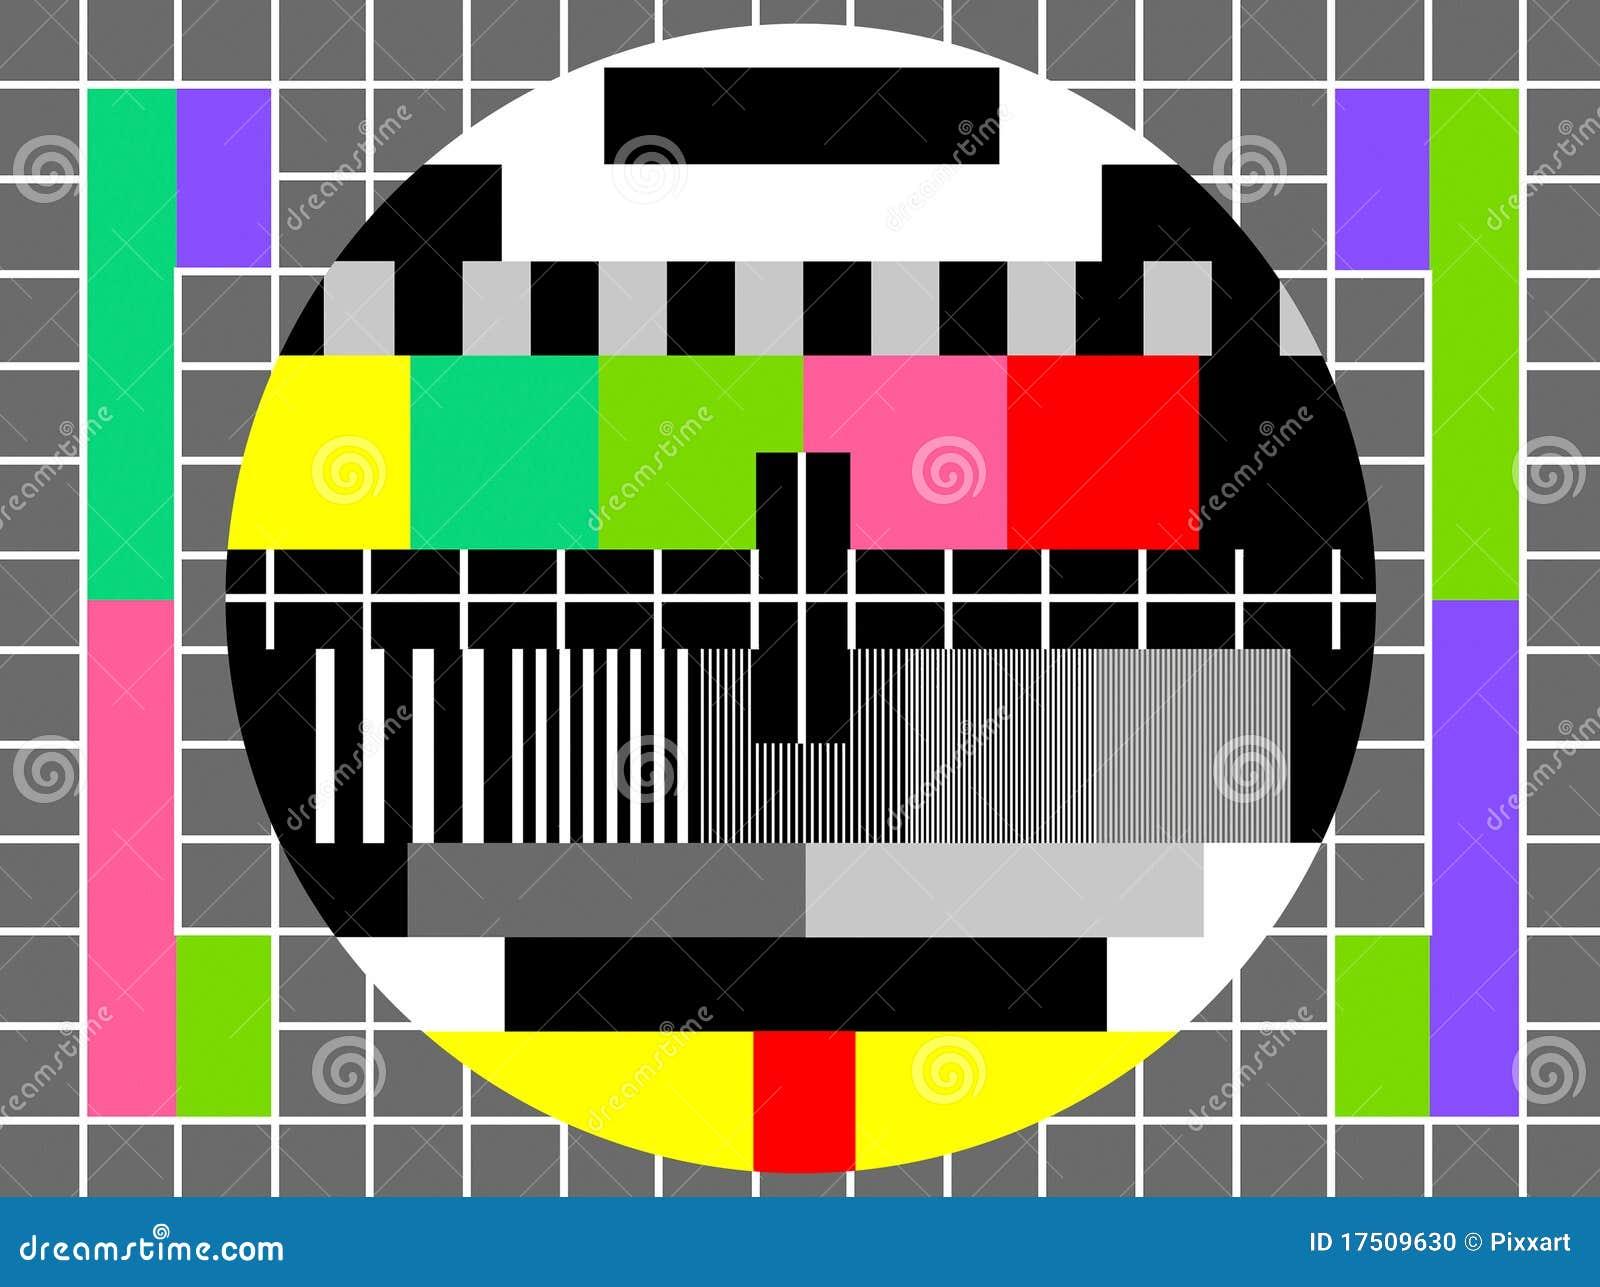 De test van de kleur voor het televisiescherm vector illustratie afbeelding 17509630 - Kleur idee voor het leven ...